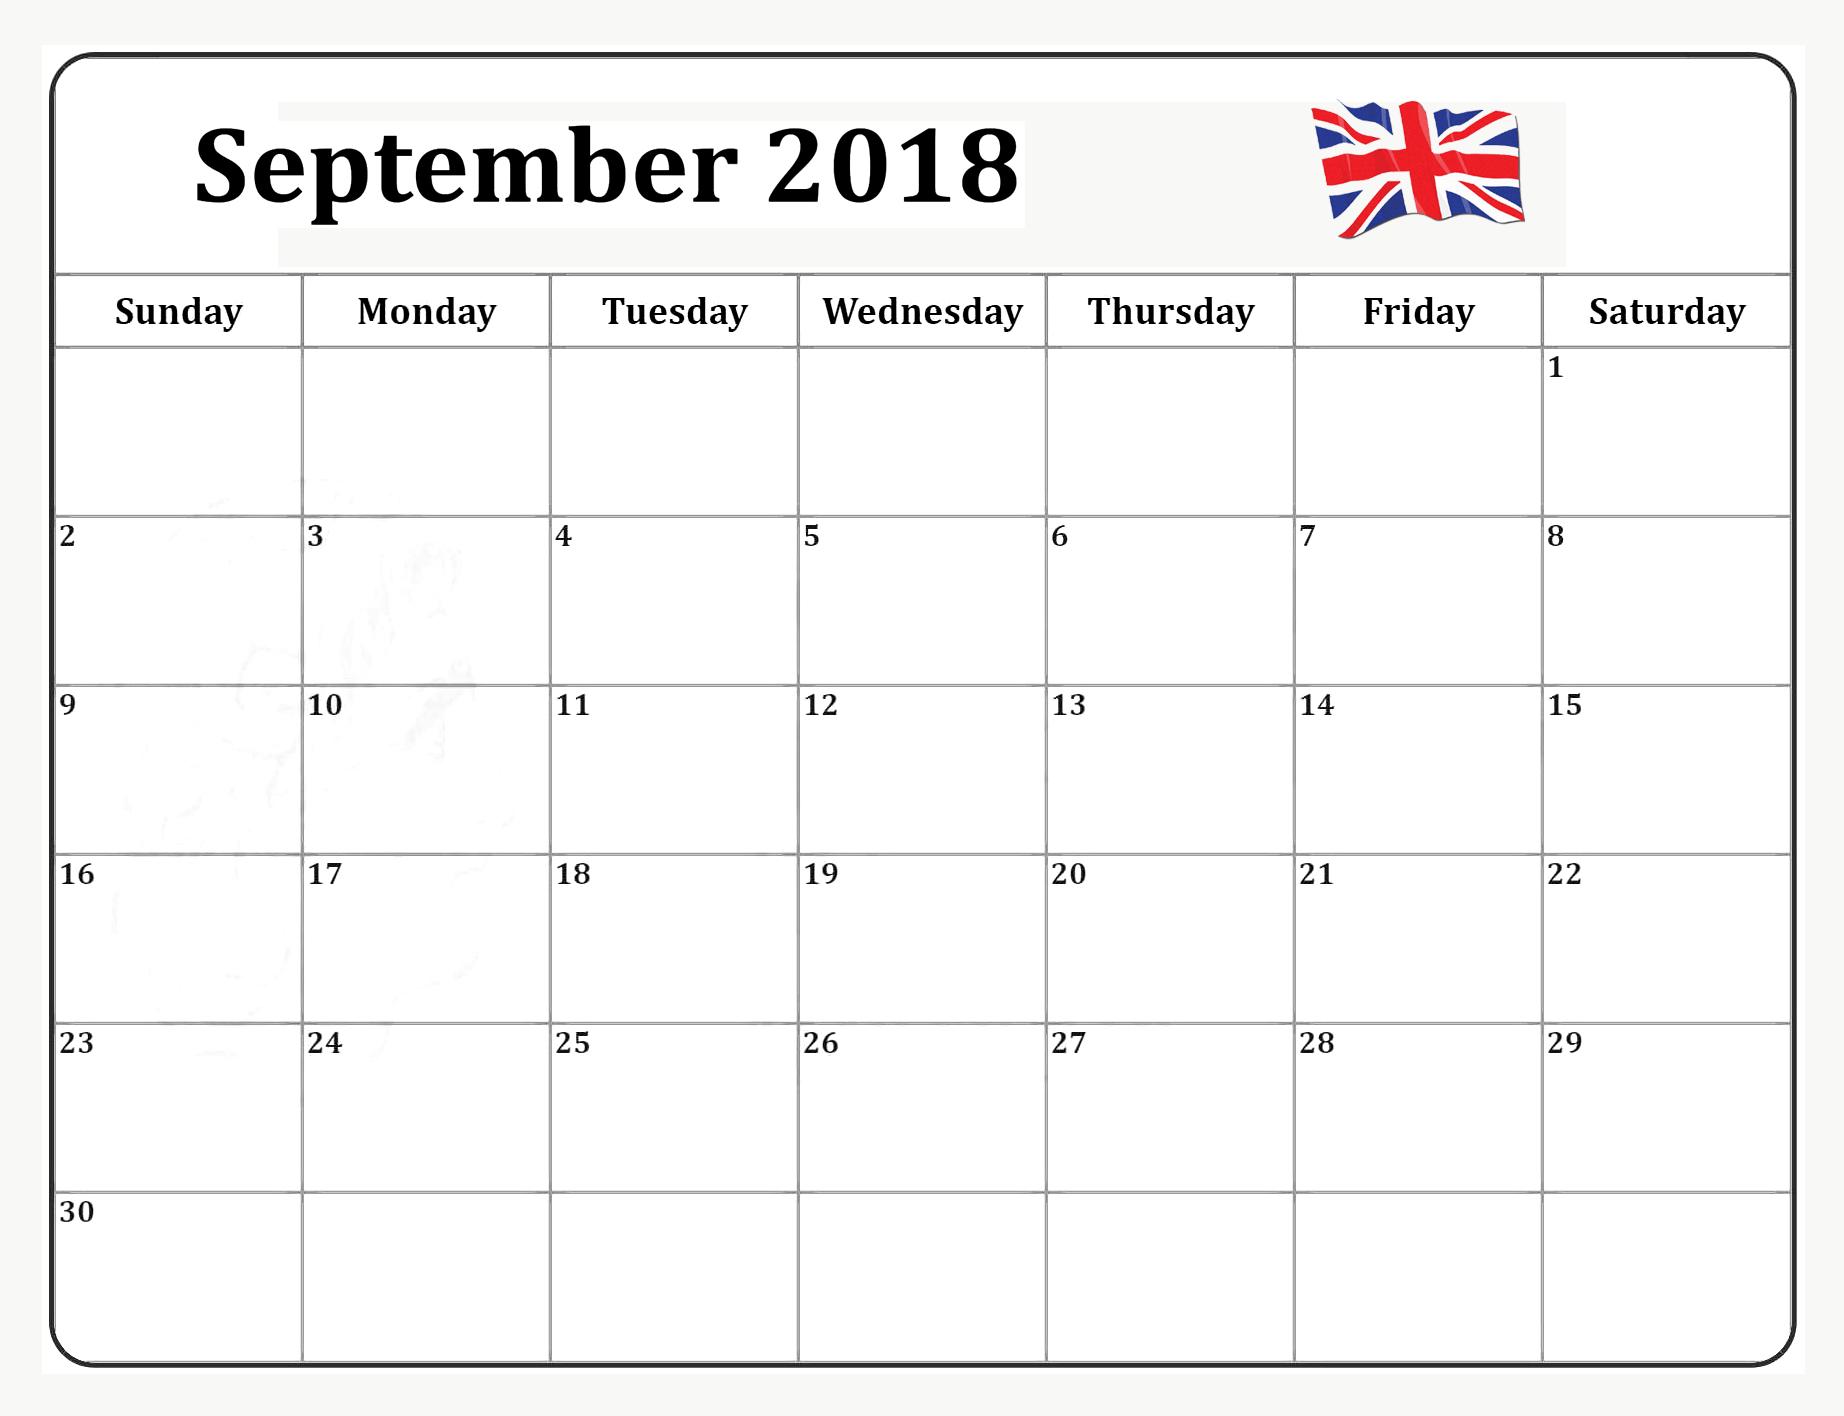 2018 September Calendar UK